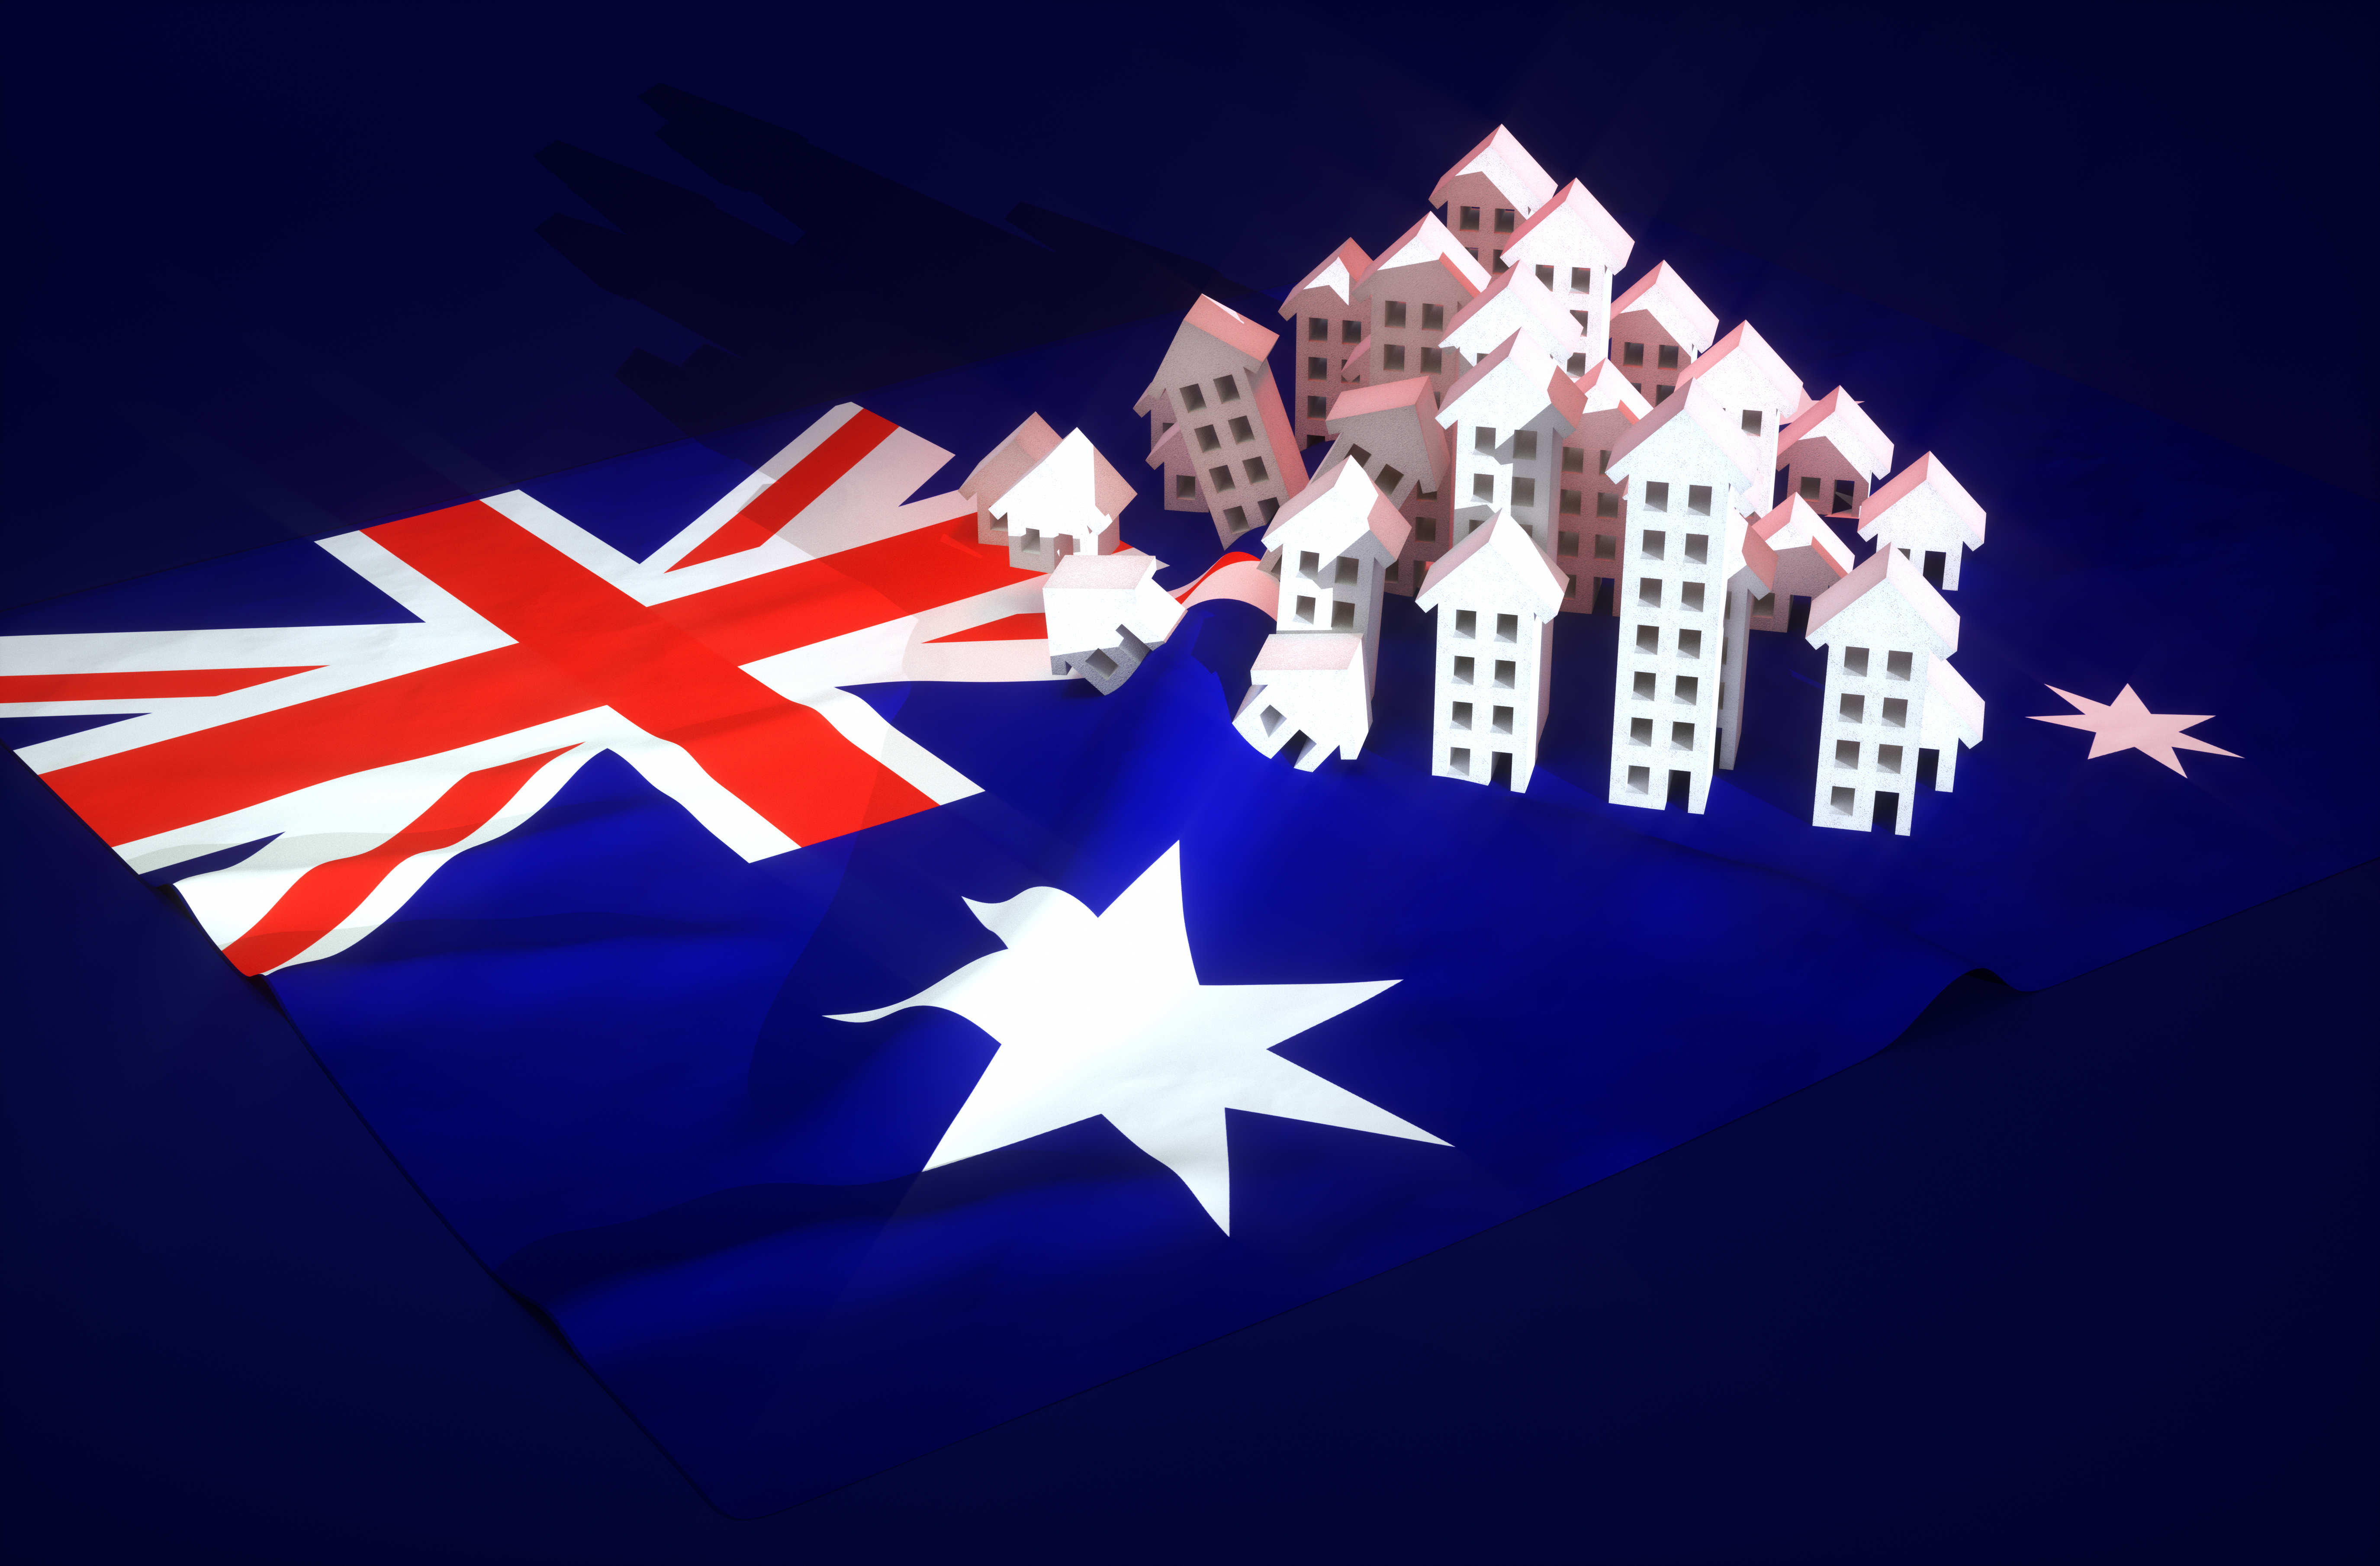 Австралийский флаг и дома, которые могут купить иностранцы